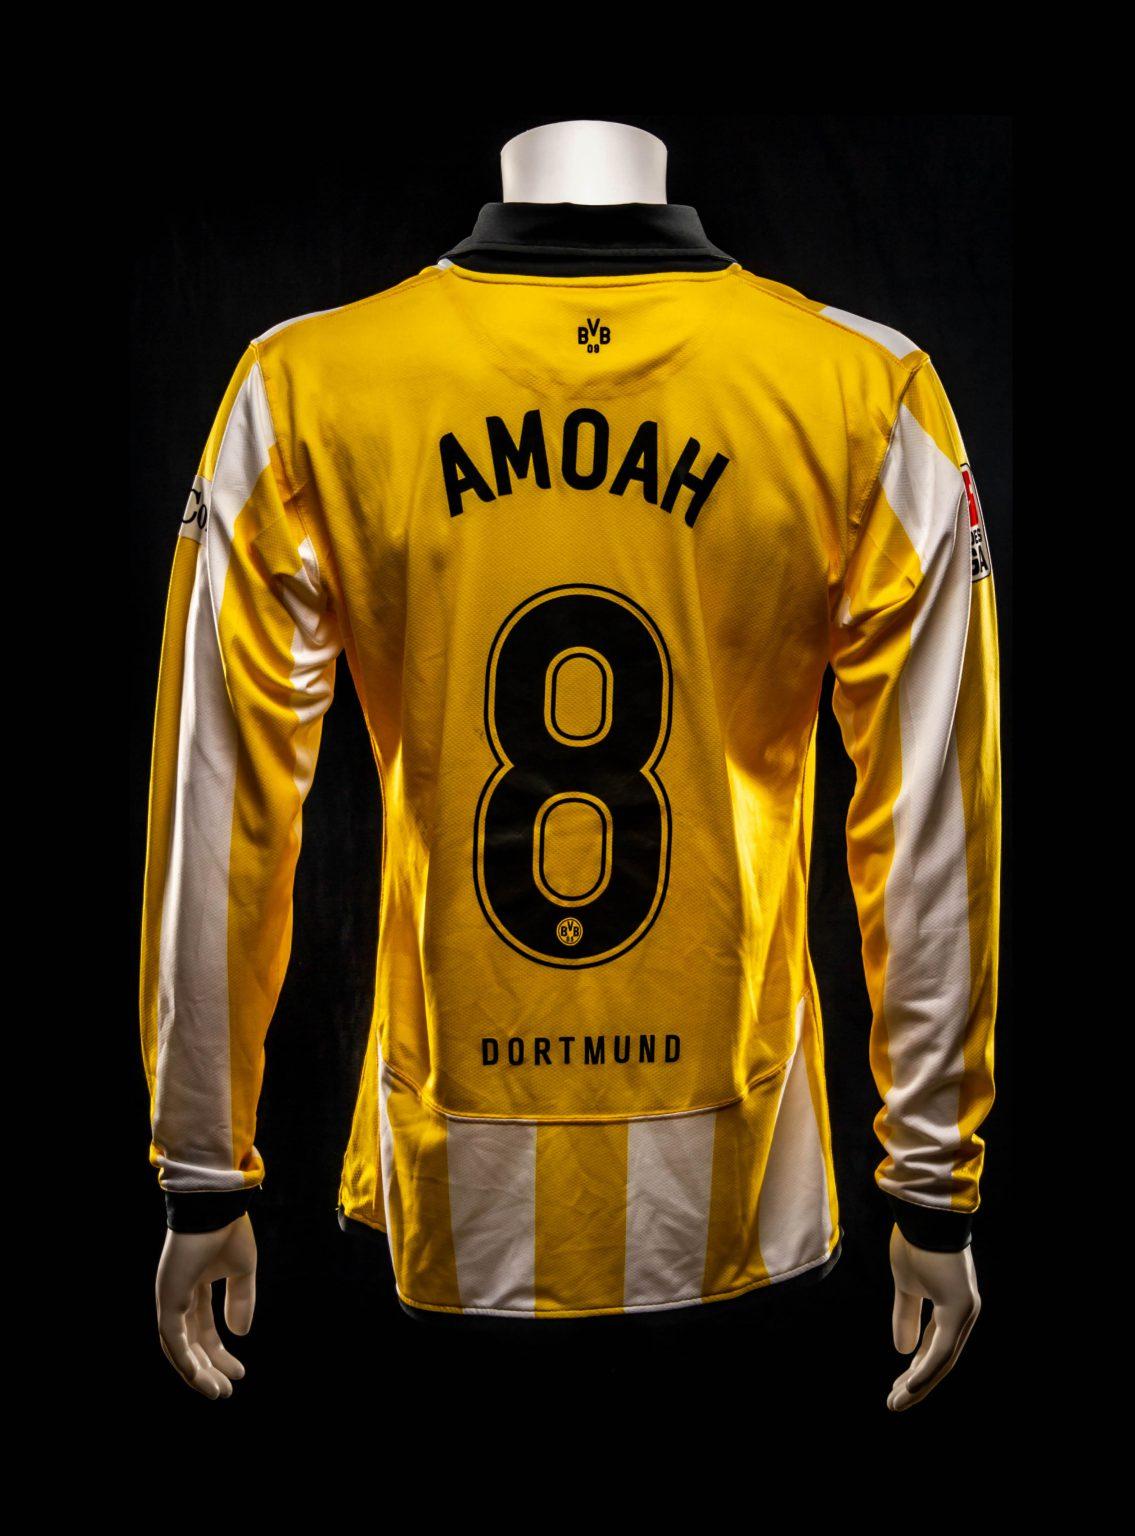 #8 Borussia Dortmund Matthew Amoah